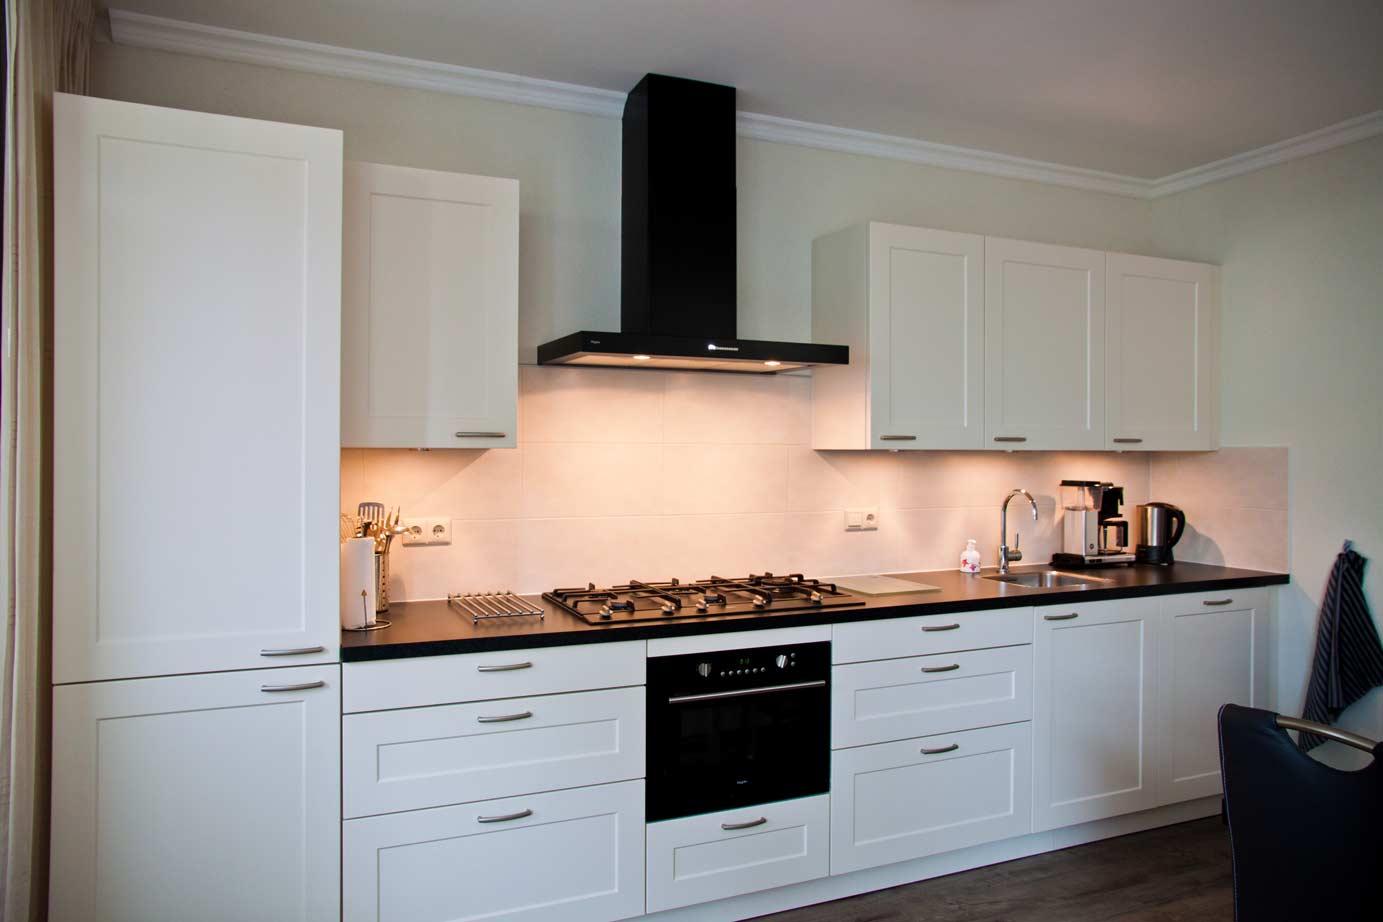 Uitzonderlijk Meer licht. Meer licht en ruimte in de keuken? Lees tips! - DB Keukens #LV11